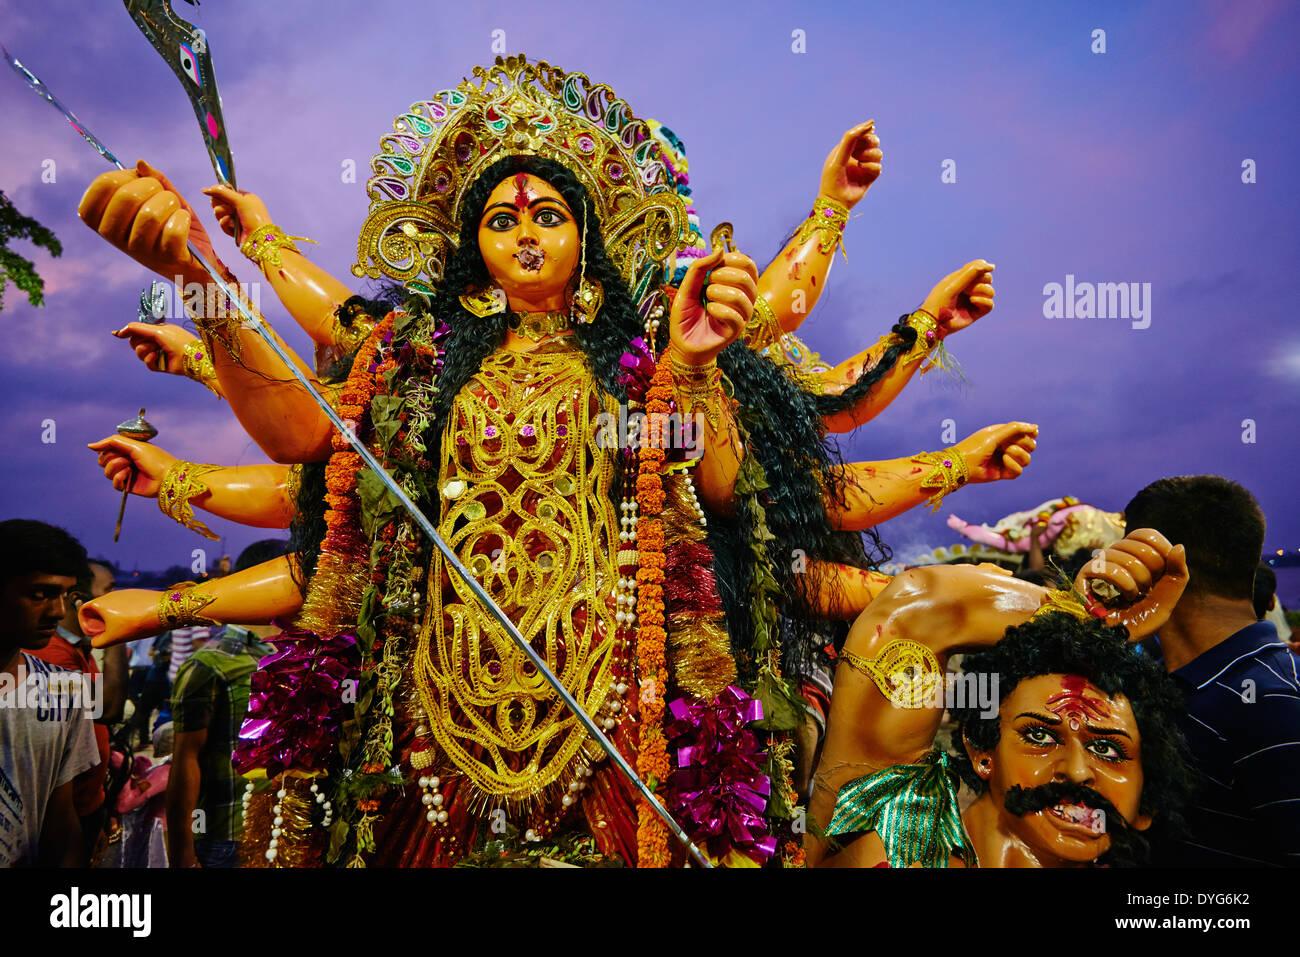 L'Inde, le Bengale occidental, Calcutta, Calcutta, à la fin de Durga Puja les idoles sont jetées à la rivière Hooghly Photo Stock